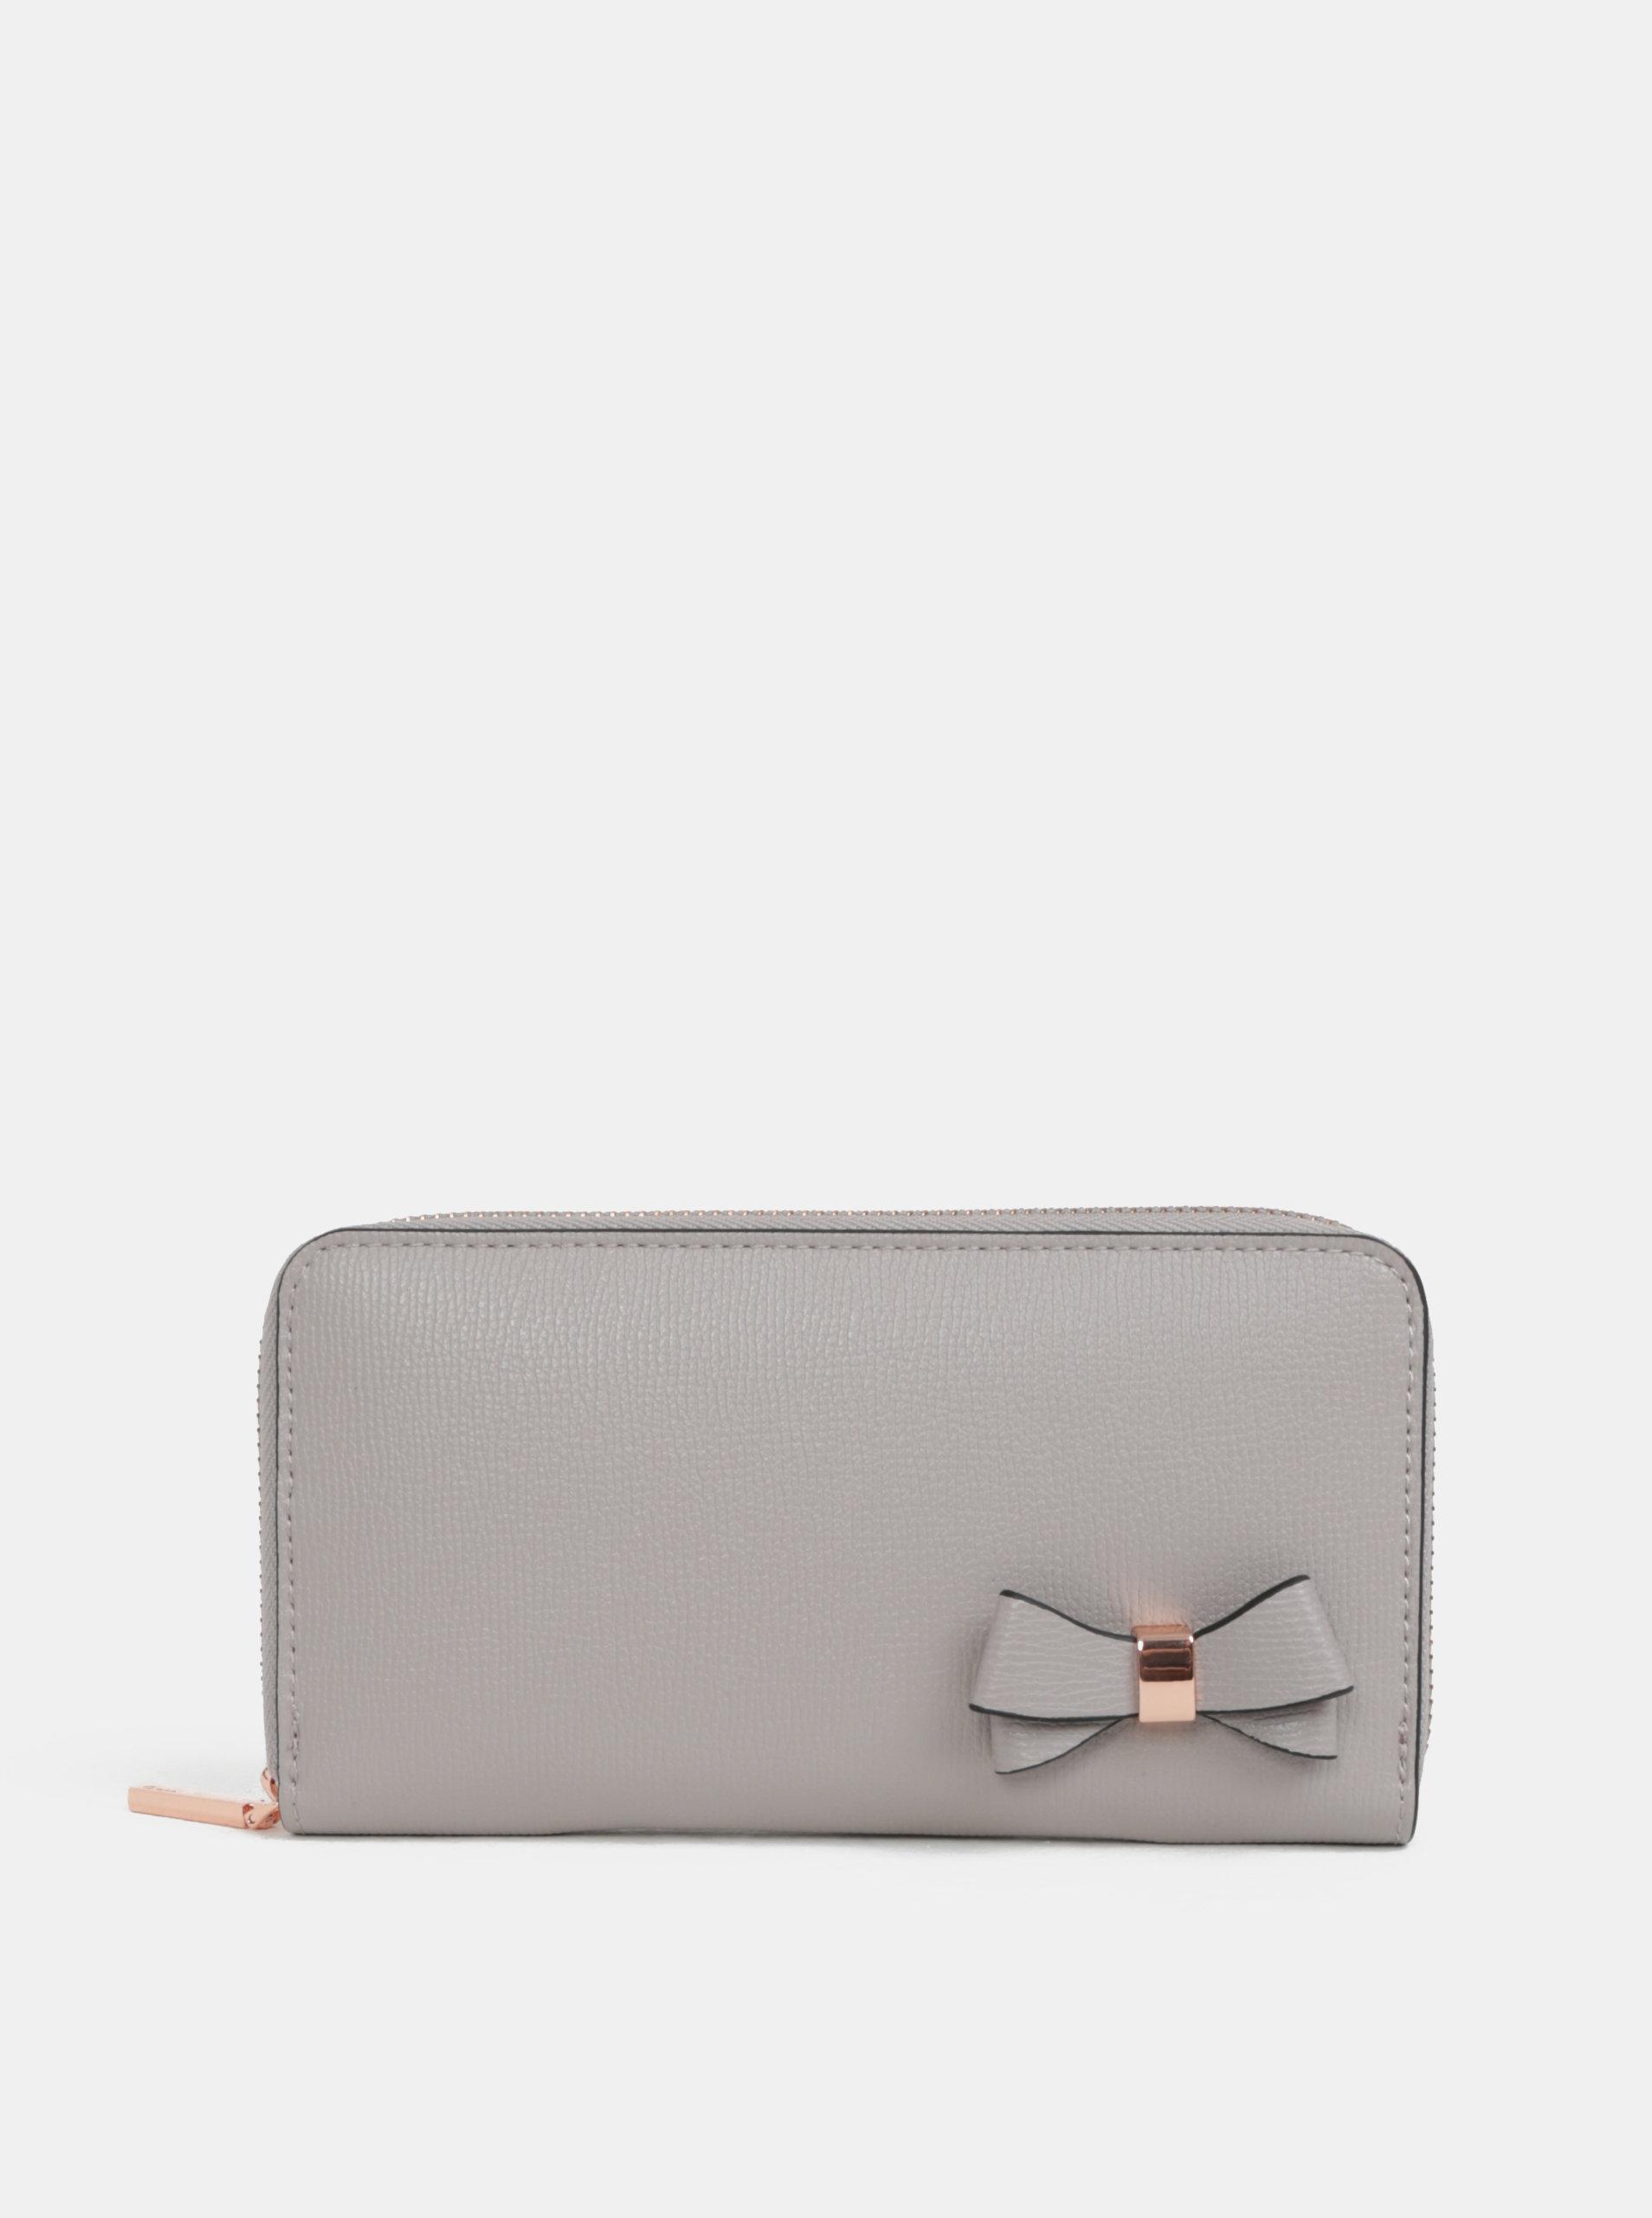 Šedá velká peněženka s mašlí Gionni Avril